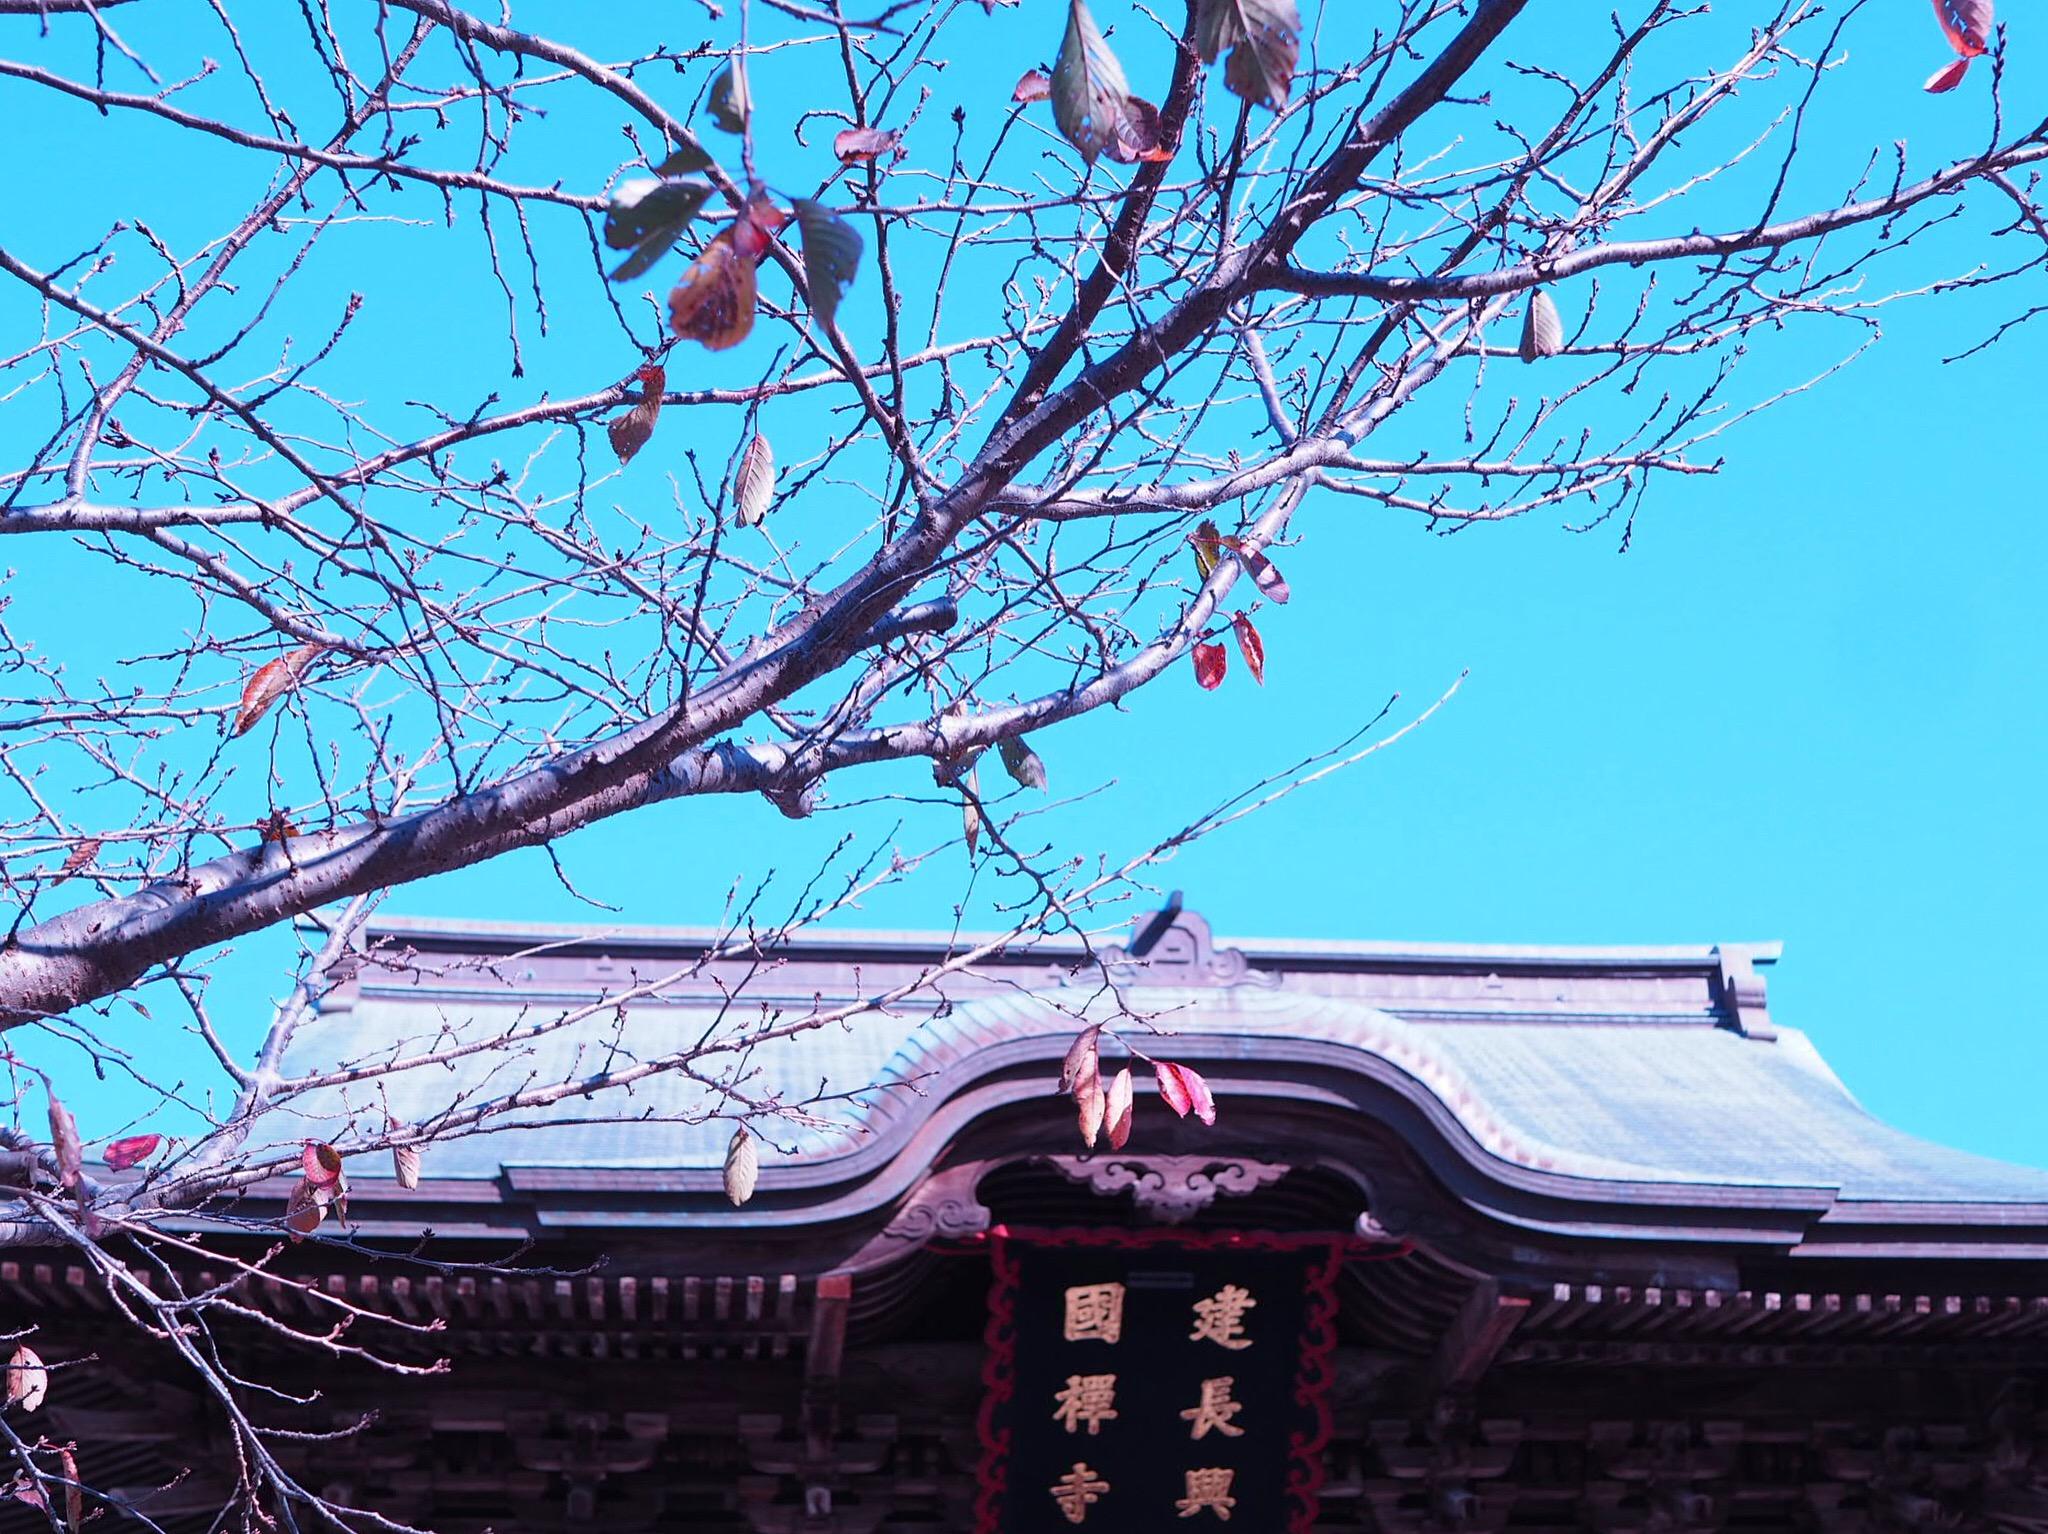 【#秋の鎌倉さんぽ】古民家でいただく絶品ビーフシチューと北鎌倉の紅葉♡_9